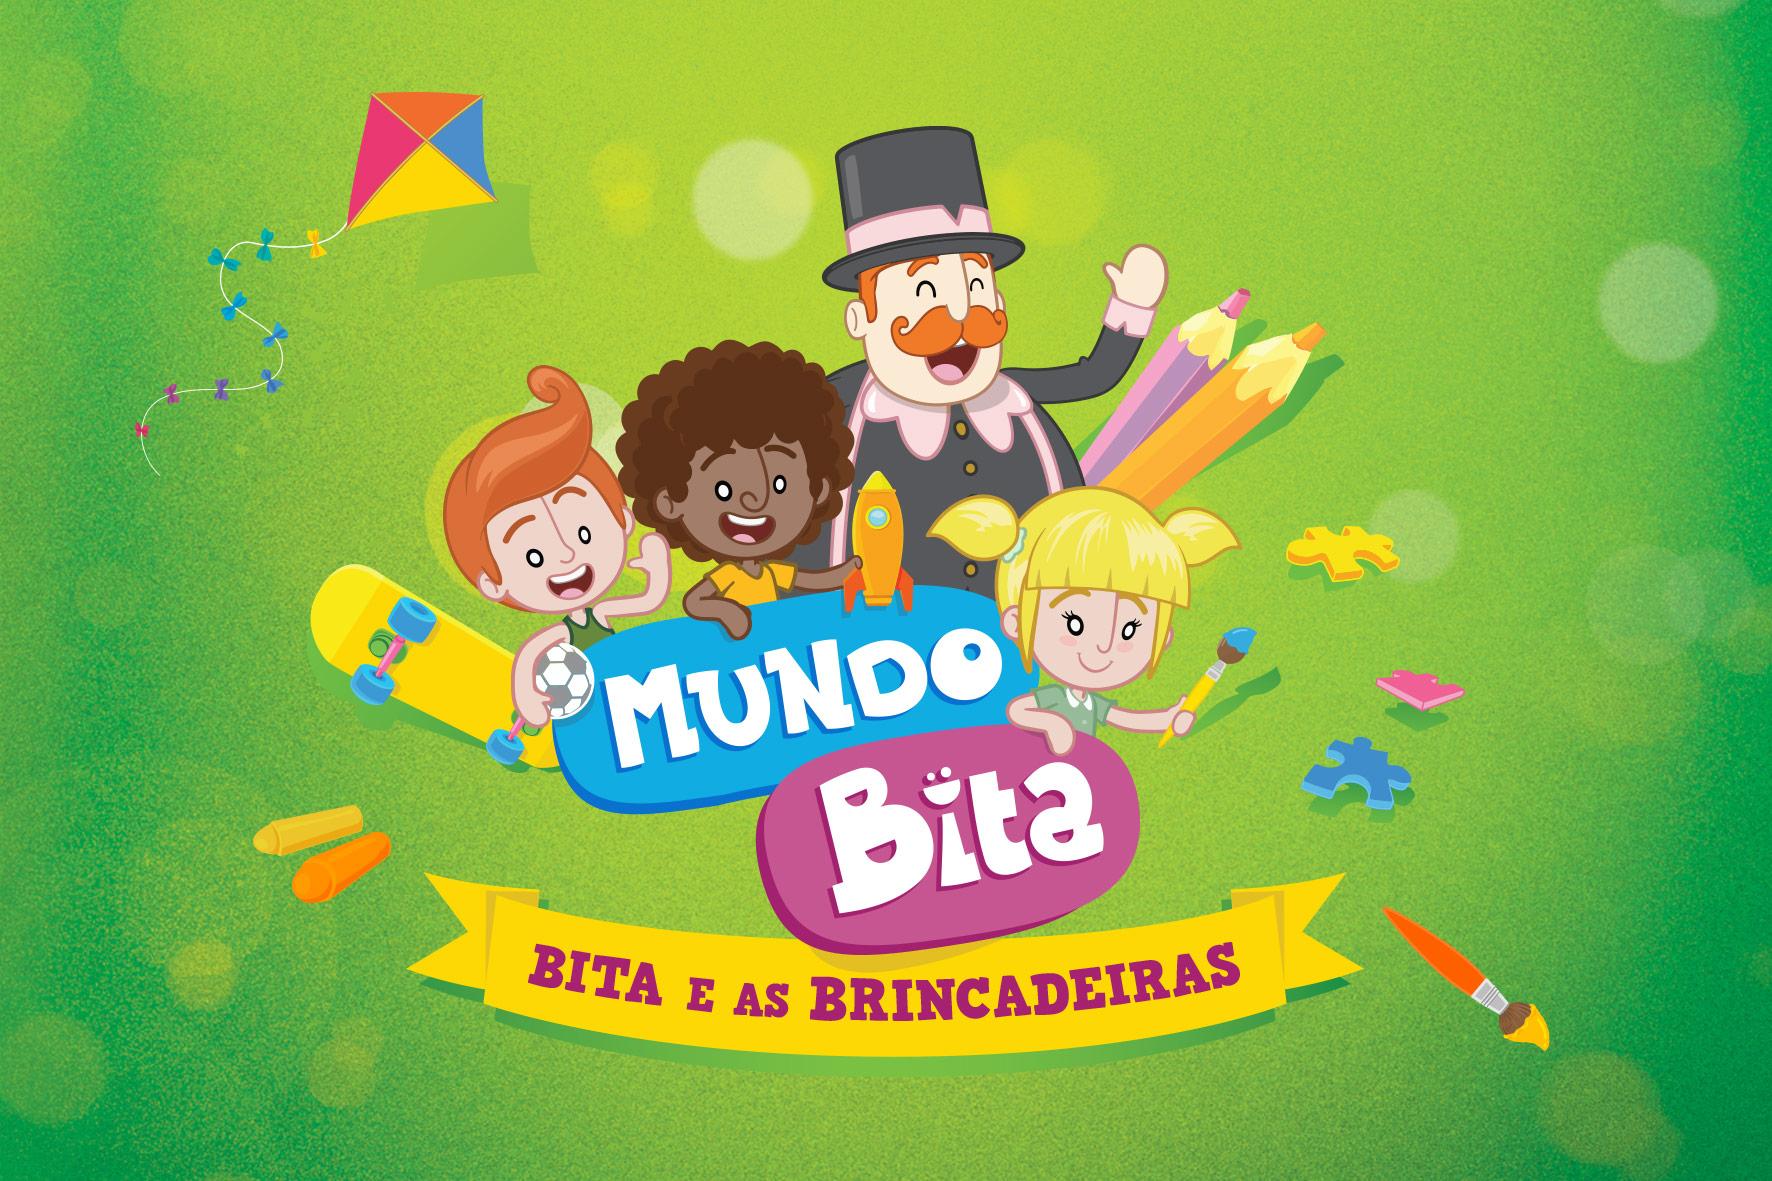 Mundo Bita: um universo de diversão que está encantando os pequenos